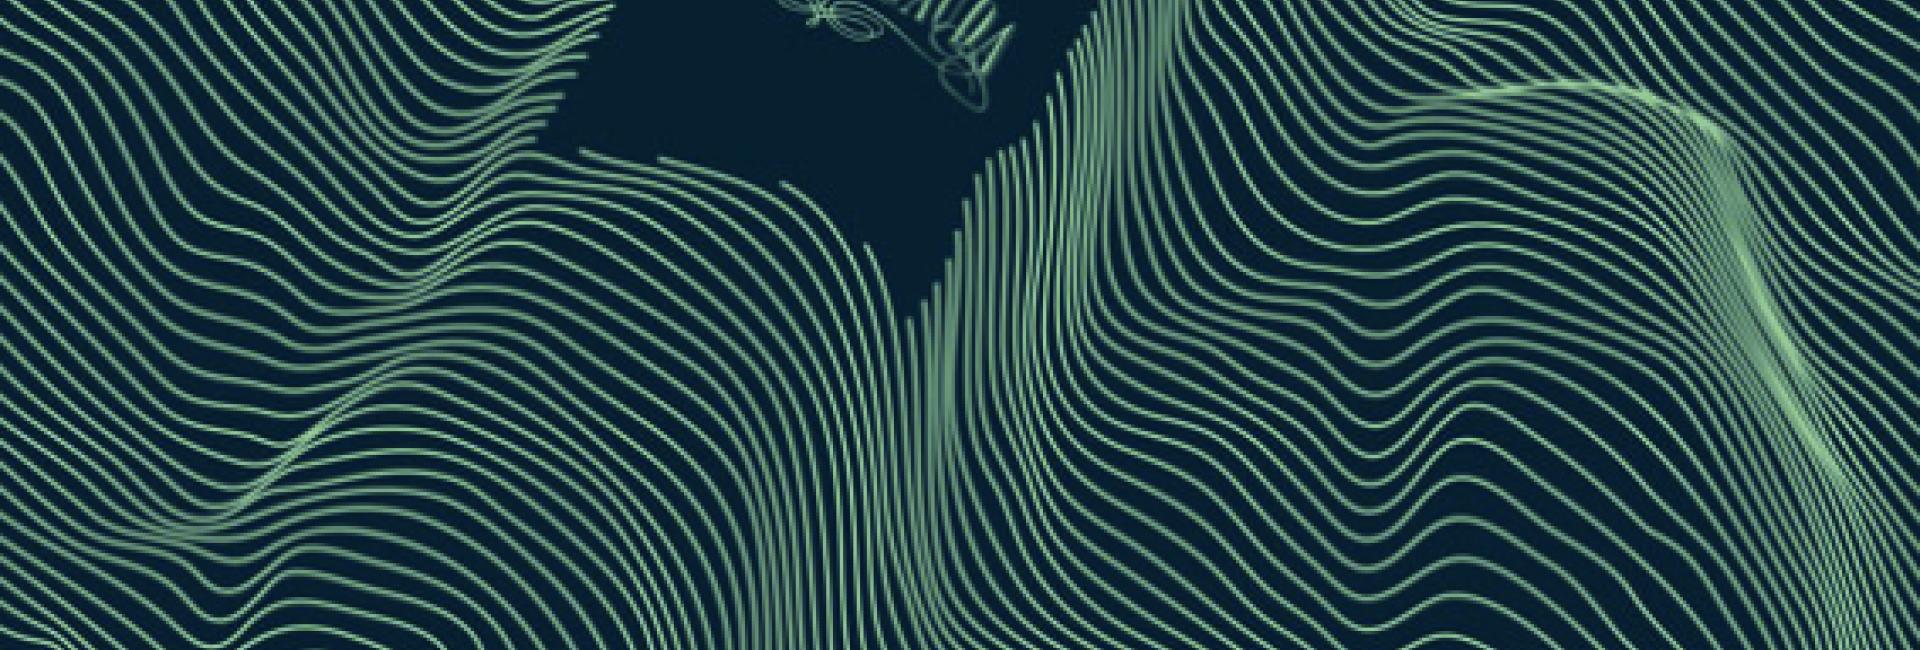 Bodegas Terras Gauda Poster